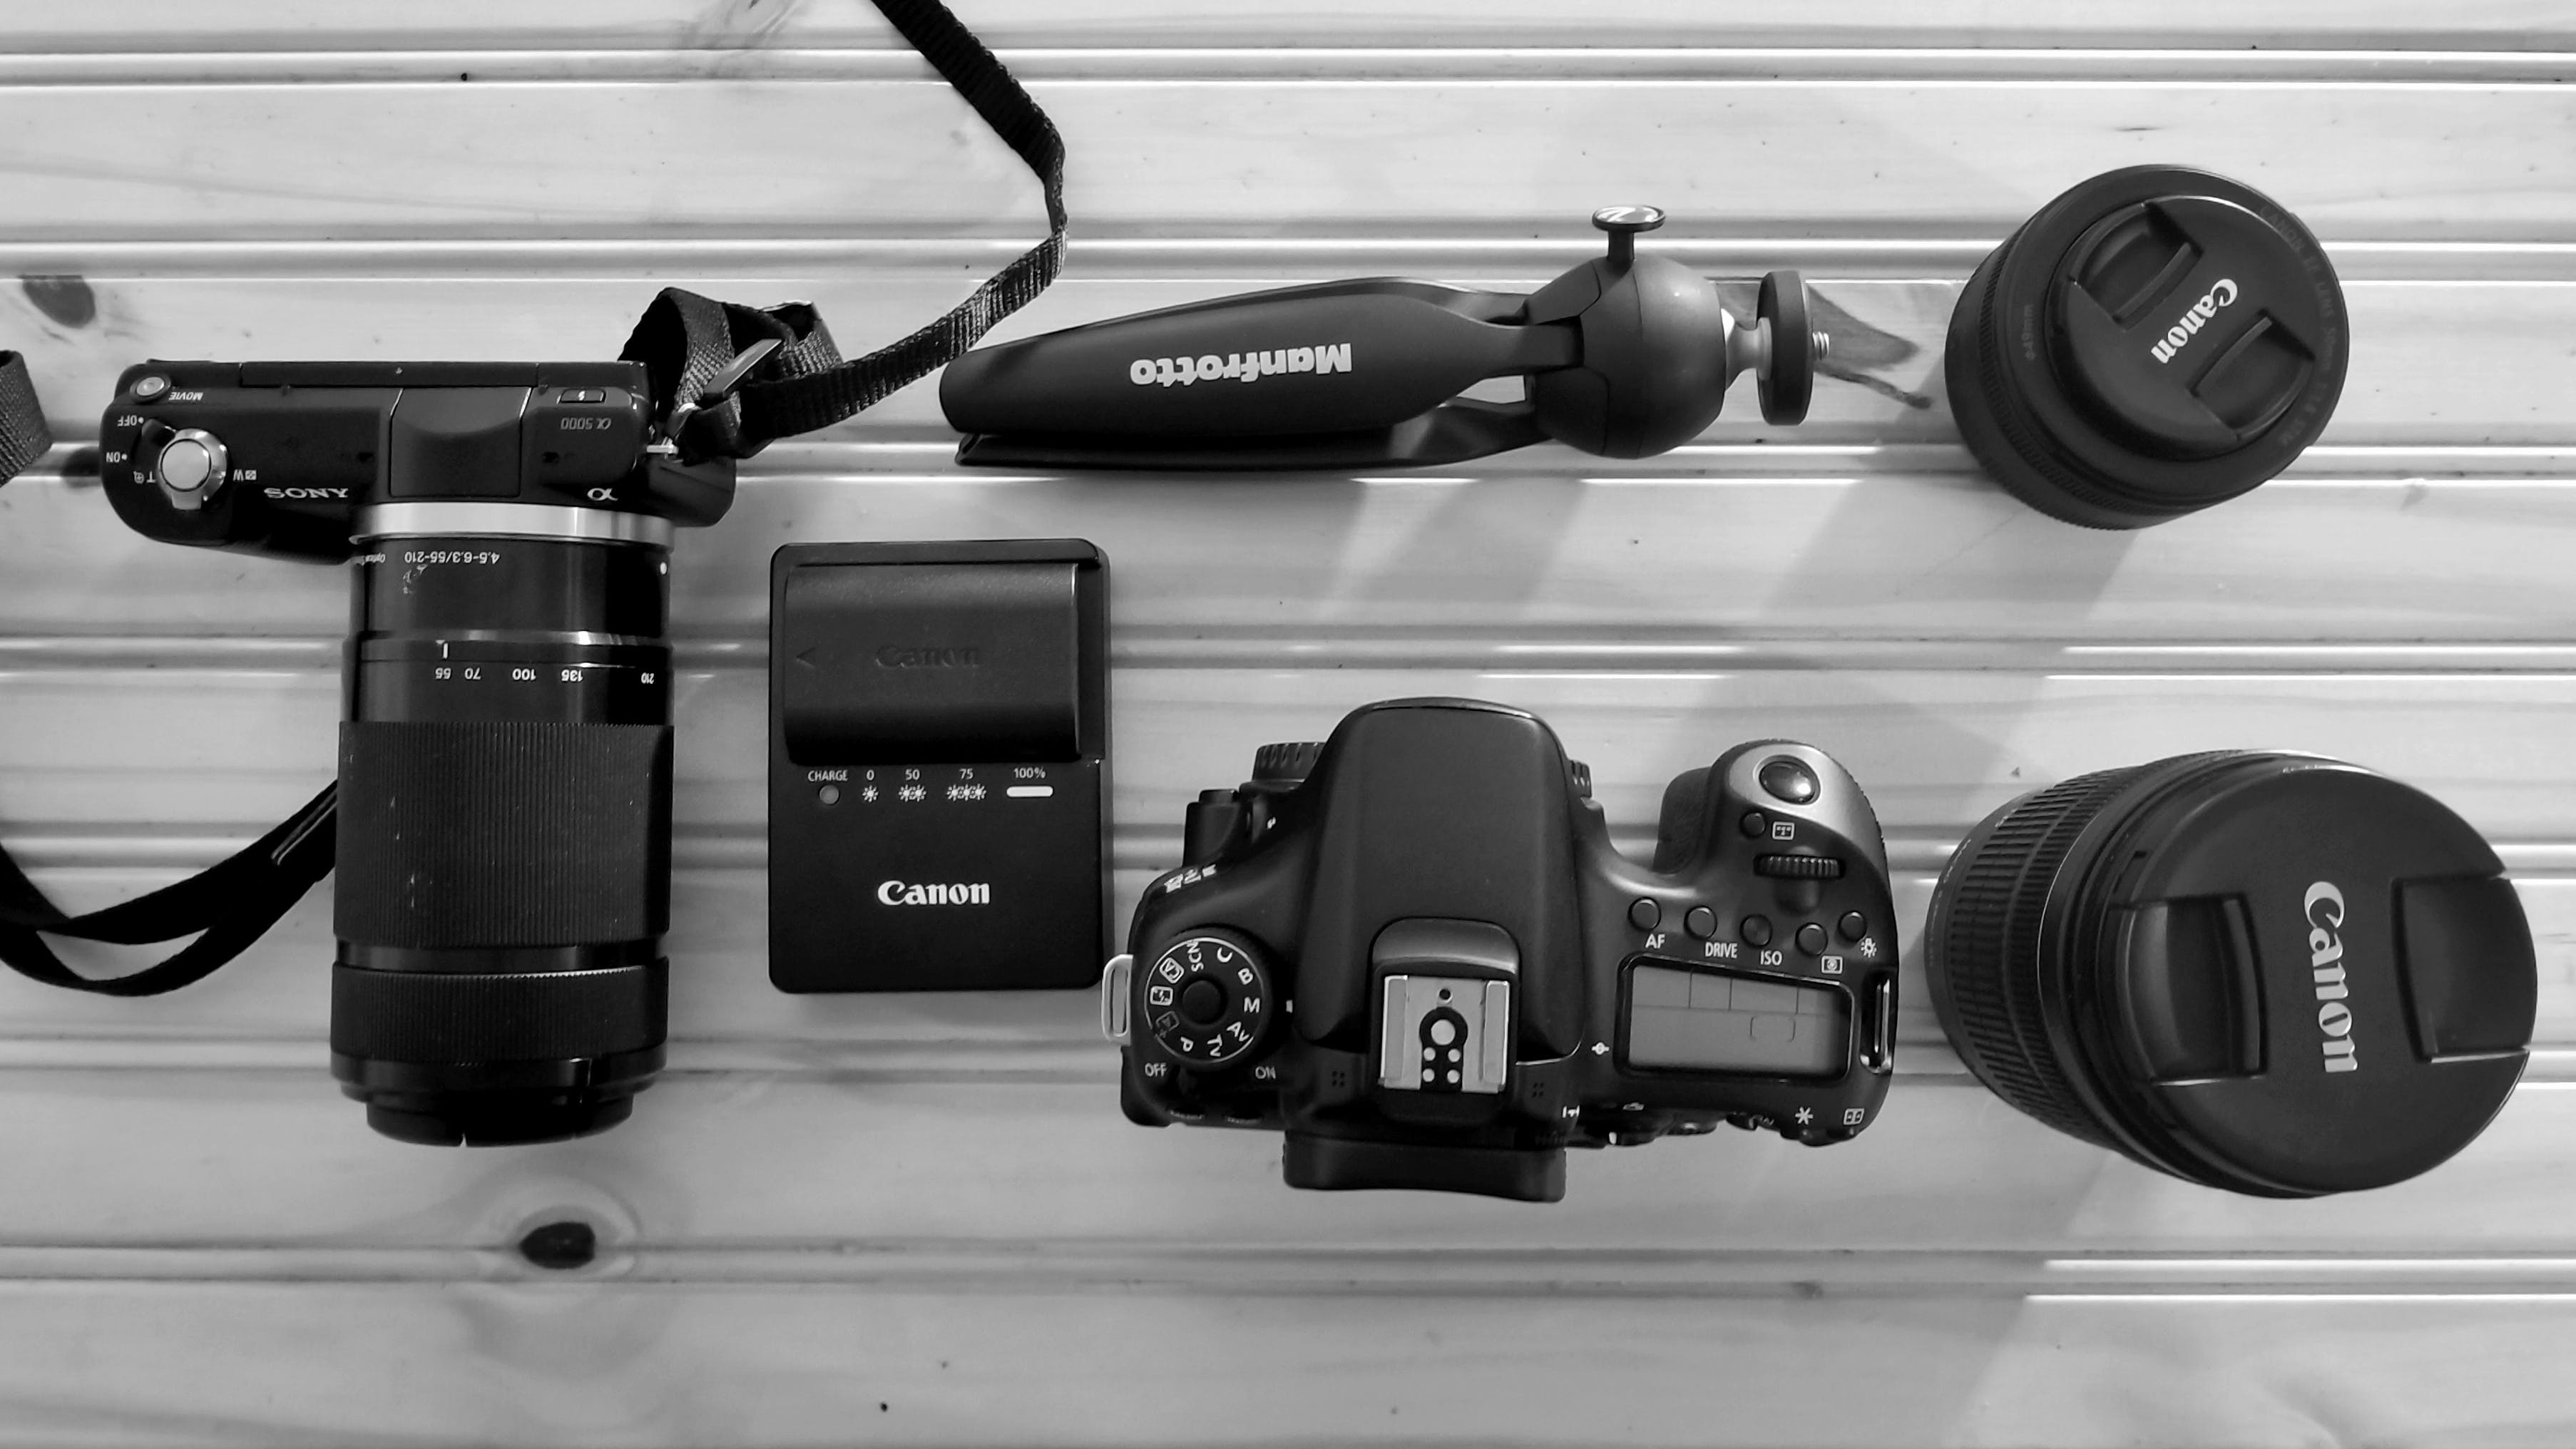 사진작가, 카메라, 카메라 장비, 캐논의 무료 스톡 사진